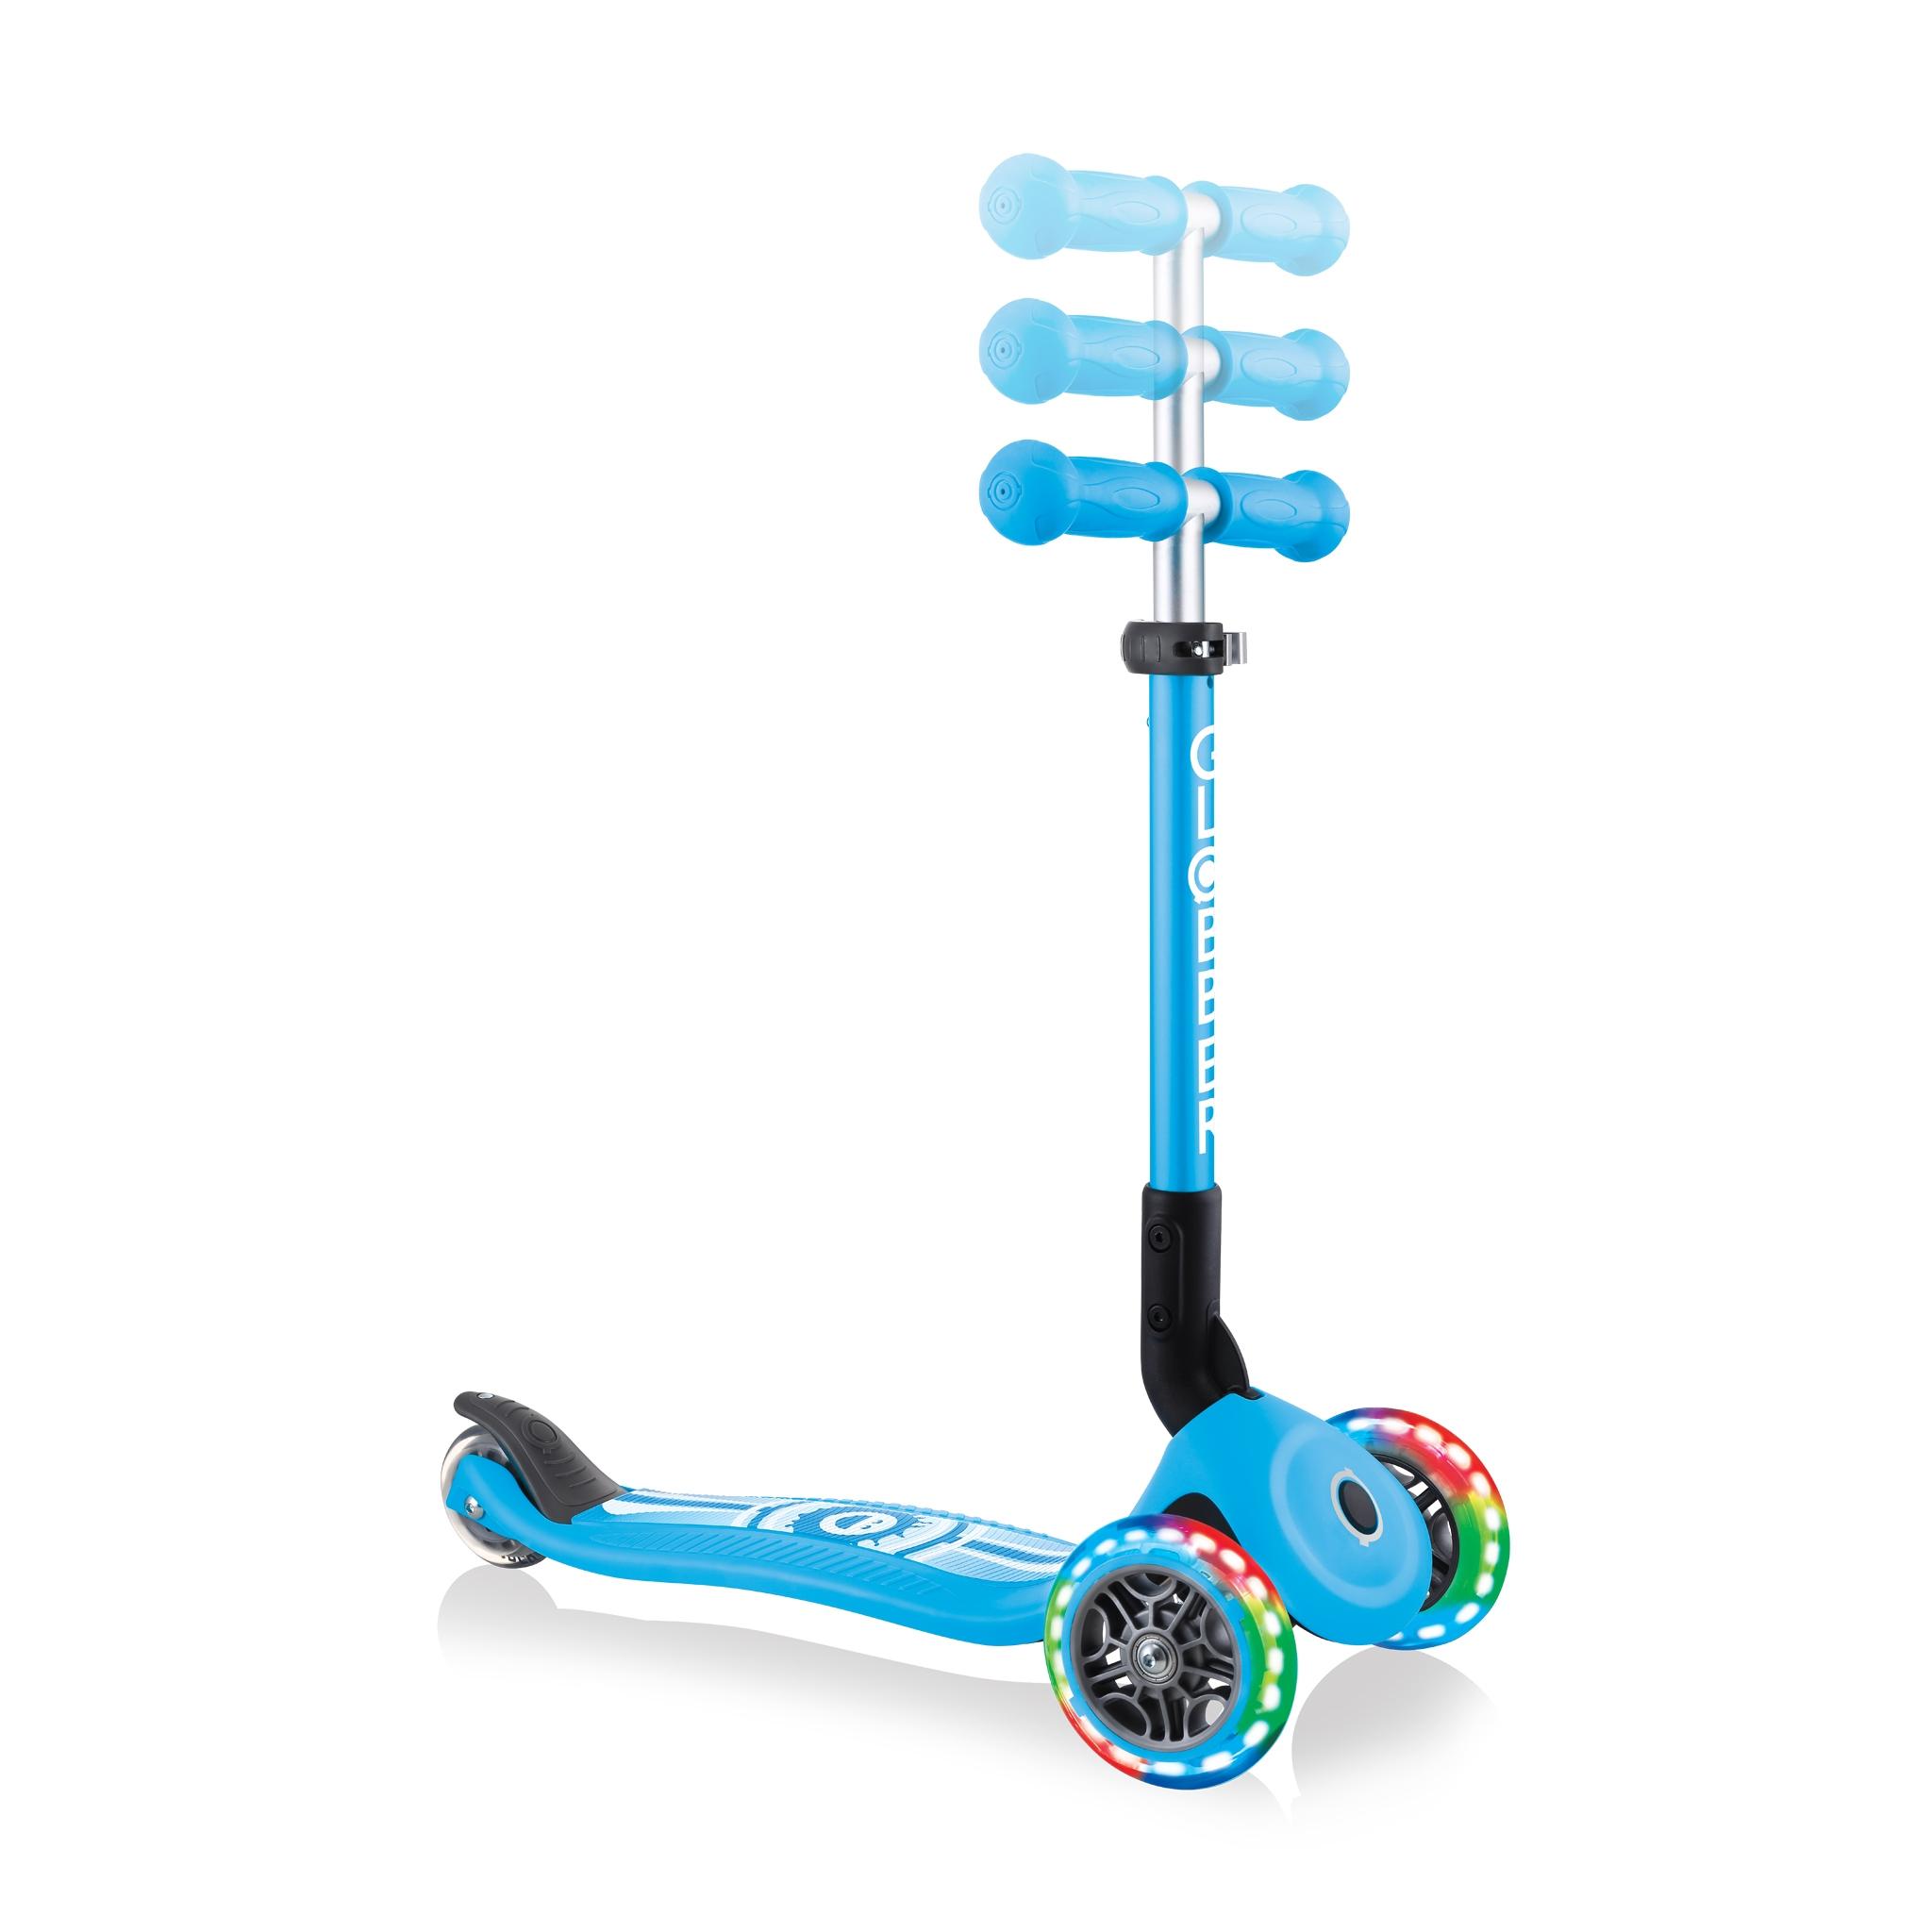 3-wheel-adjustable-scooter-for-toddlers-Globber-JUNIOR-FOLDABLE-FANTASY-LIGHTS